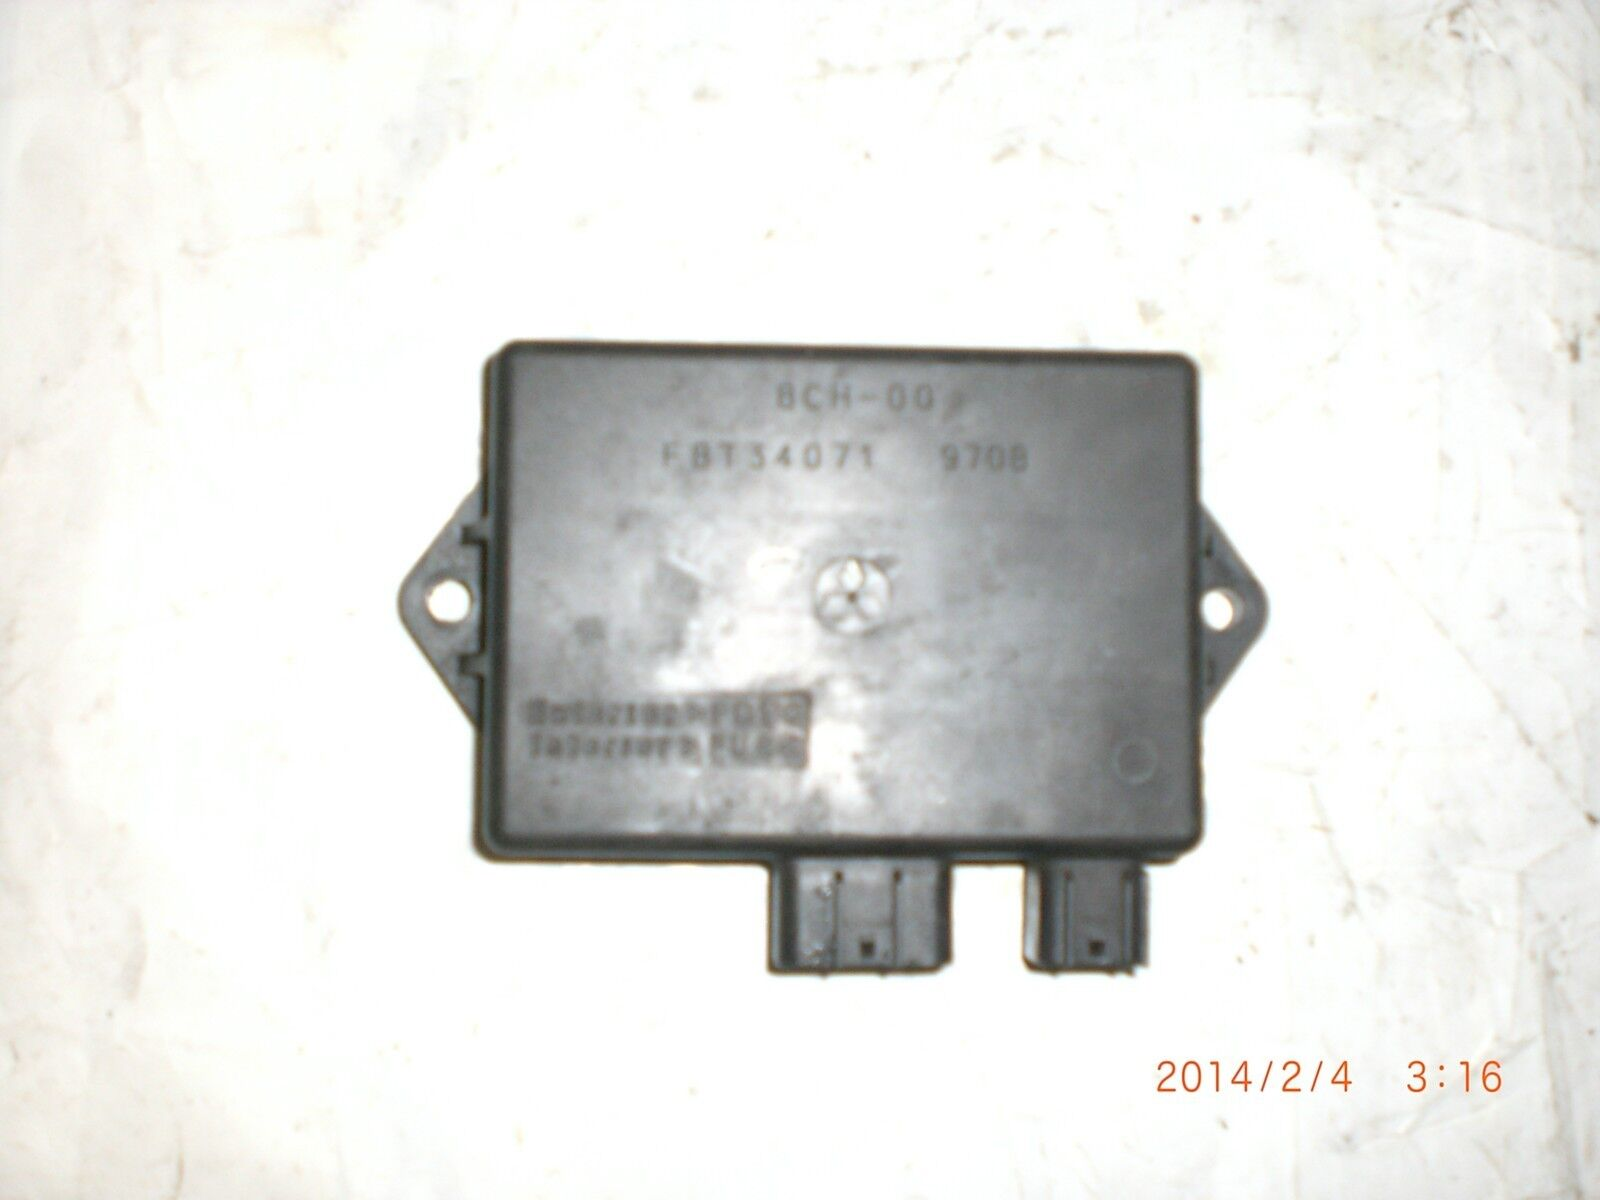 00' Yamaha SRX 700 CDI Unit DN-85540-10-00 Item